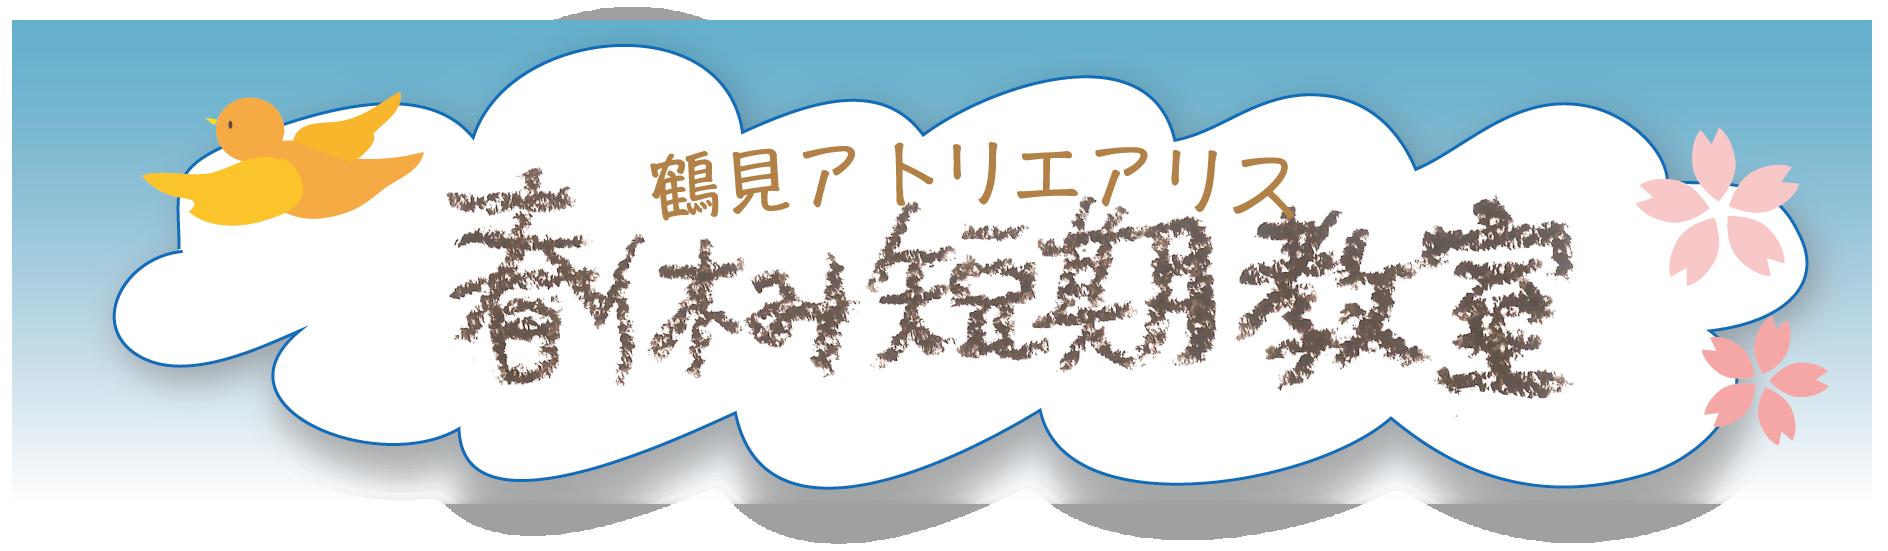 2017 幼児・小学生の絵画・工作 春休み短期教室